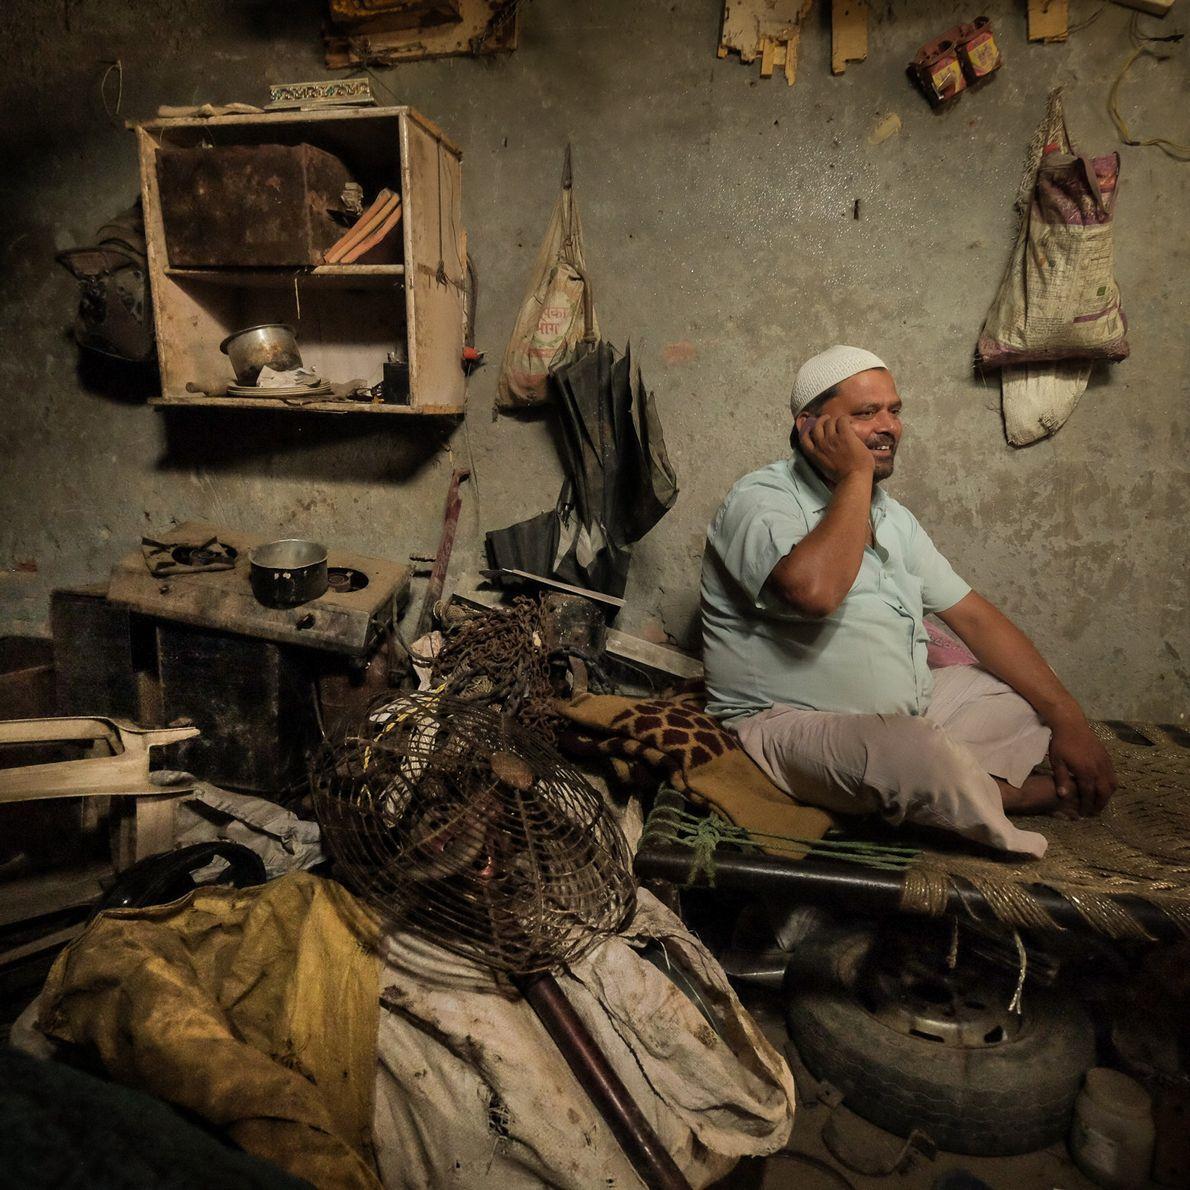 reciclador indiano usa celular